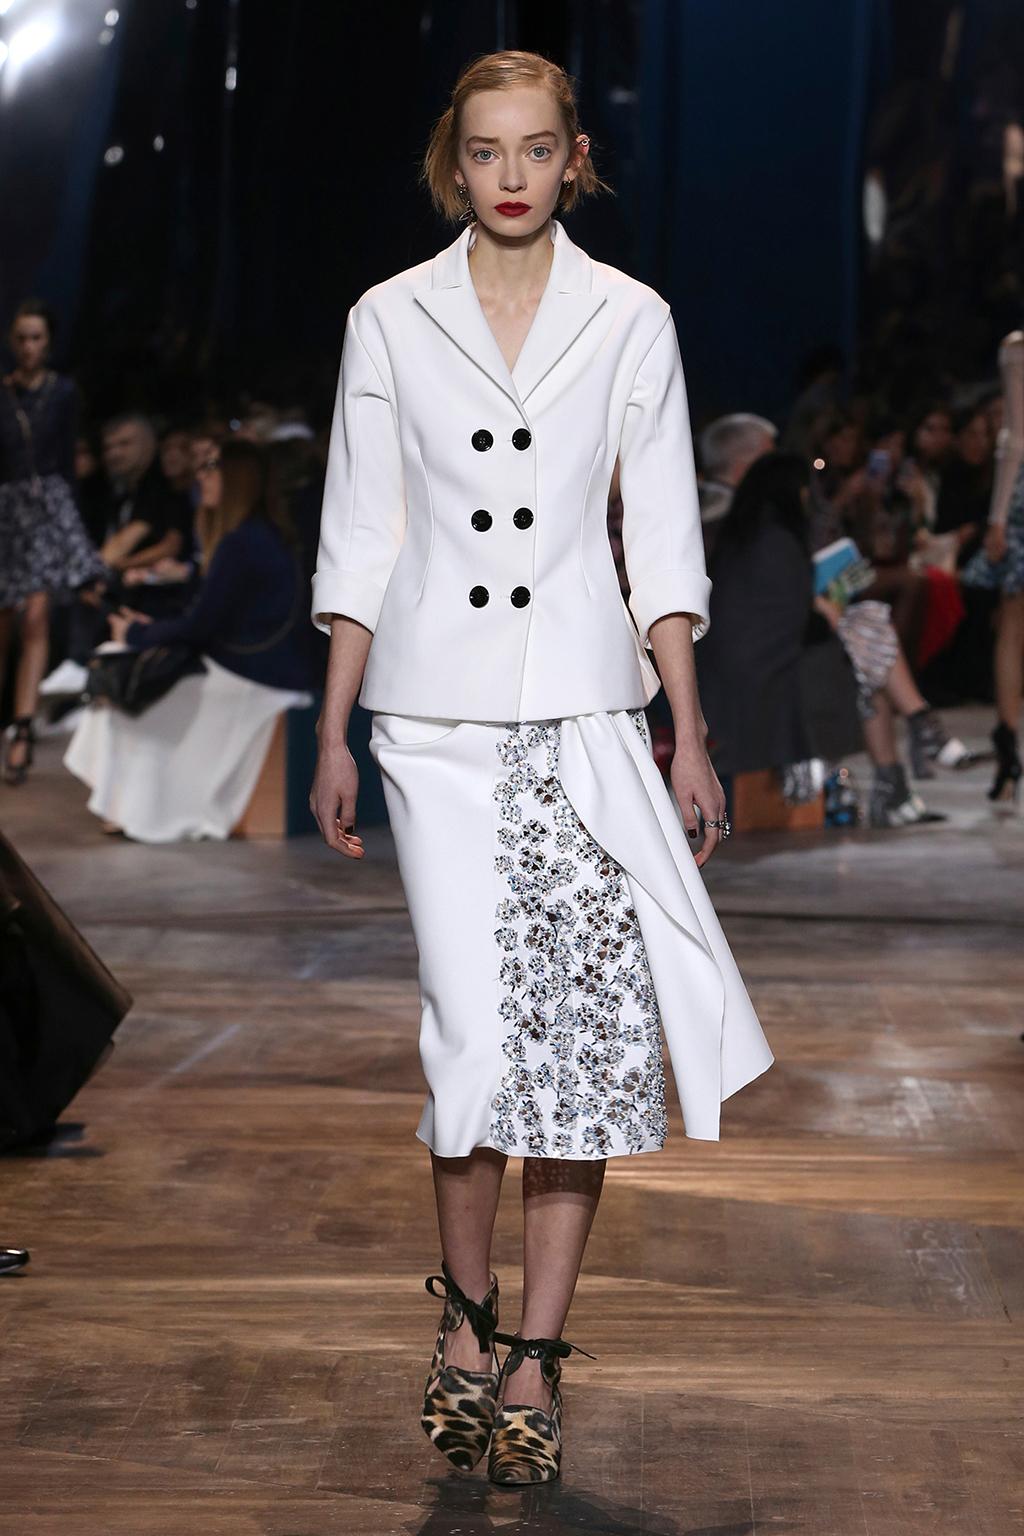 Dior-Couture-Silhouette-06